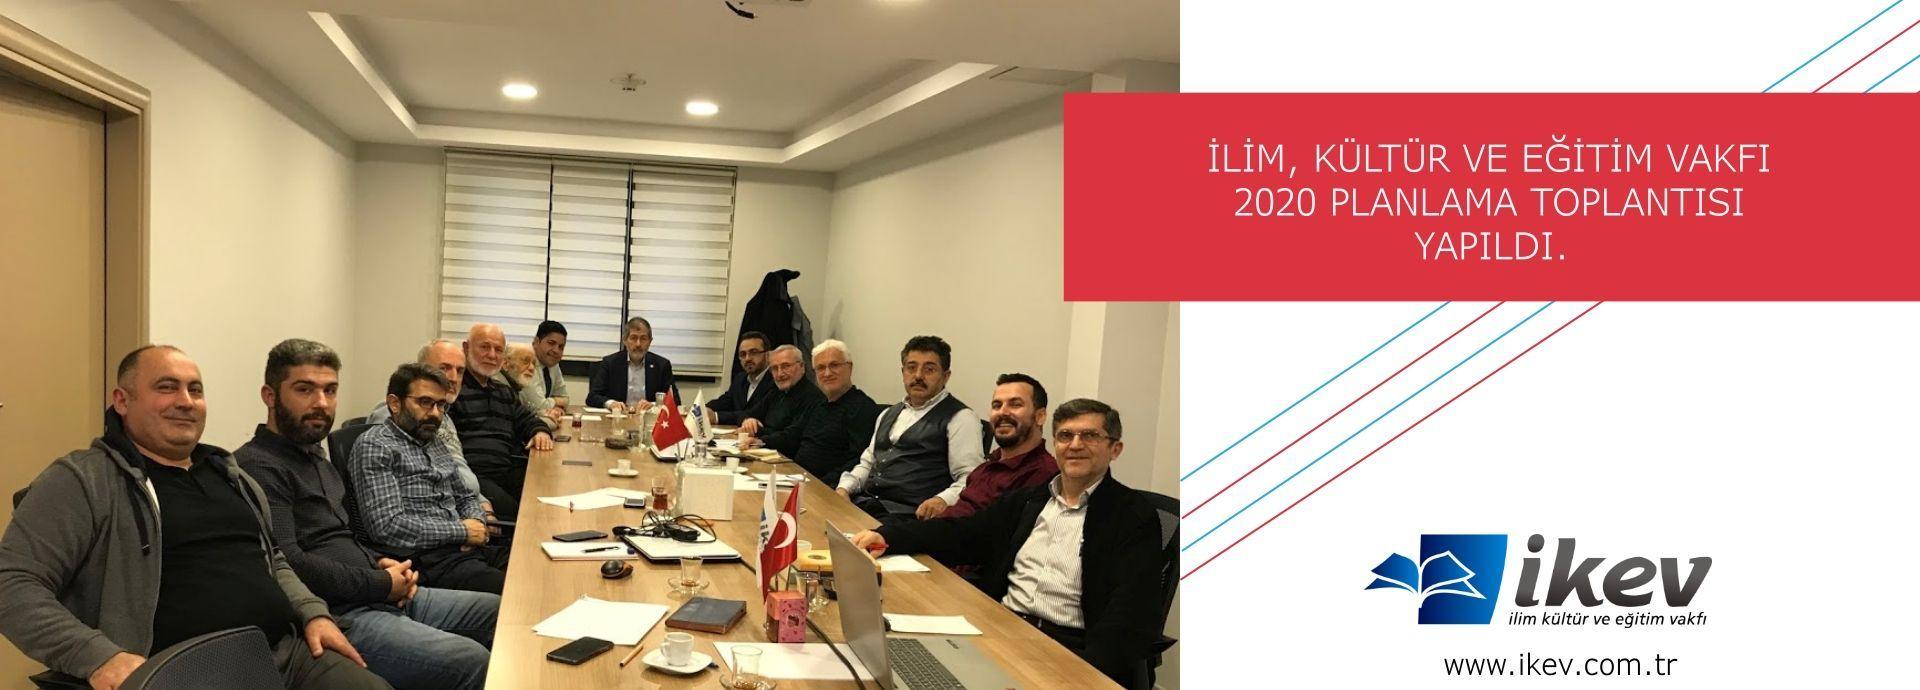 İLİM, KÜLTÜR VE EĞİTİM VAKFI 2020 PLANLAMA TOPLANTISI YAPTI.